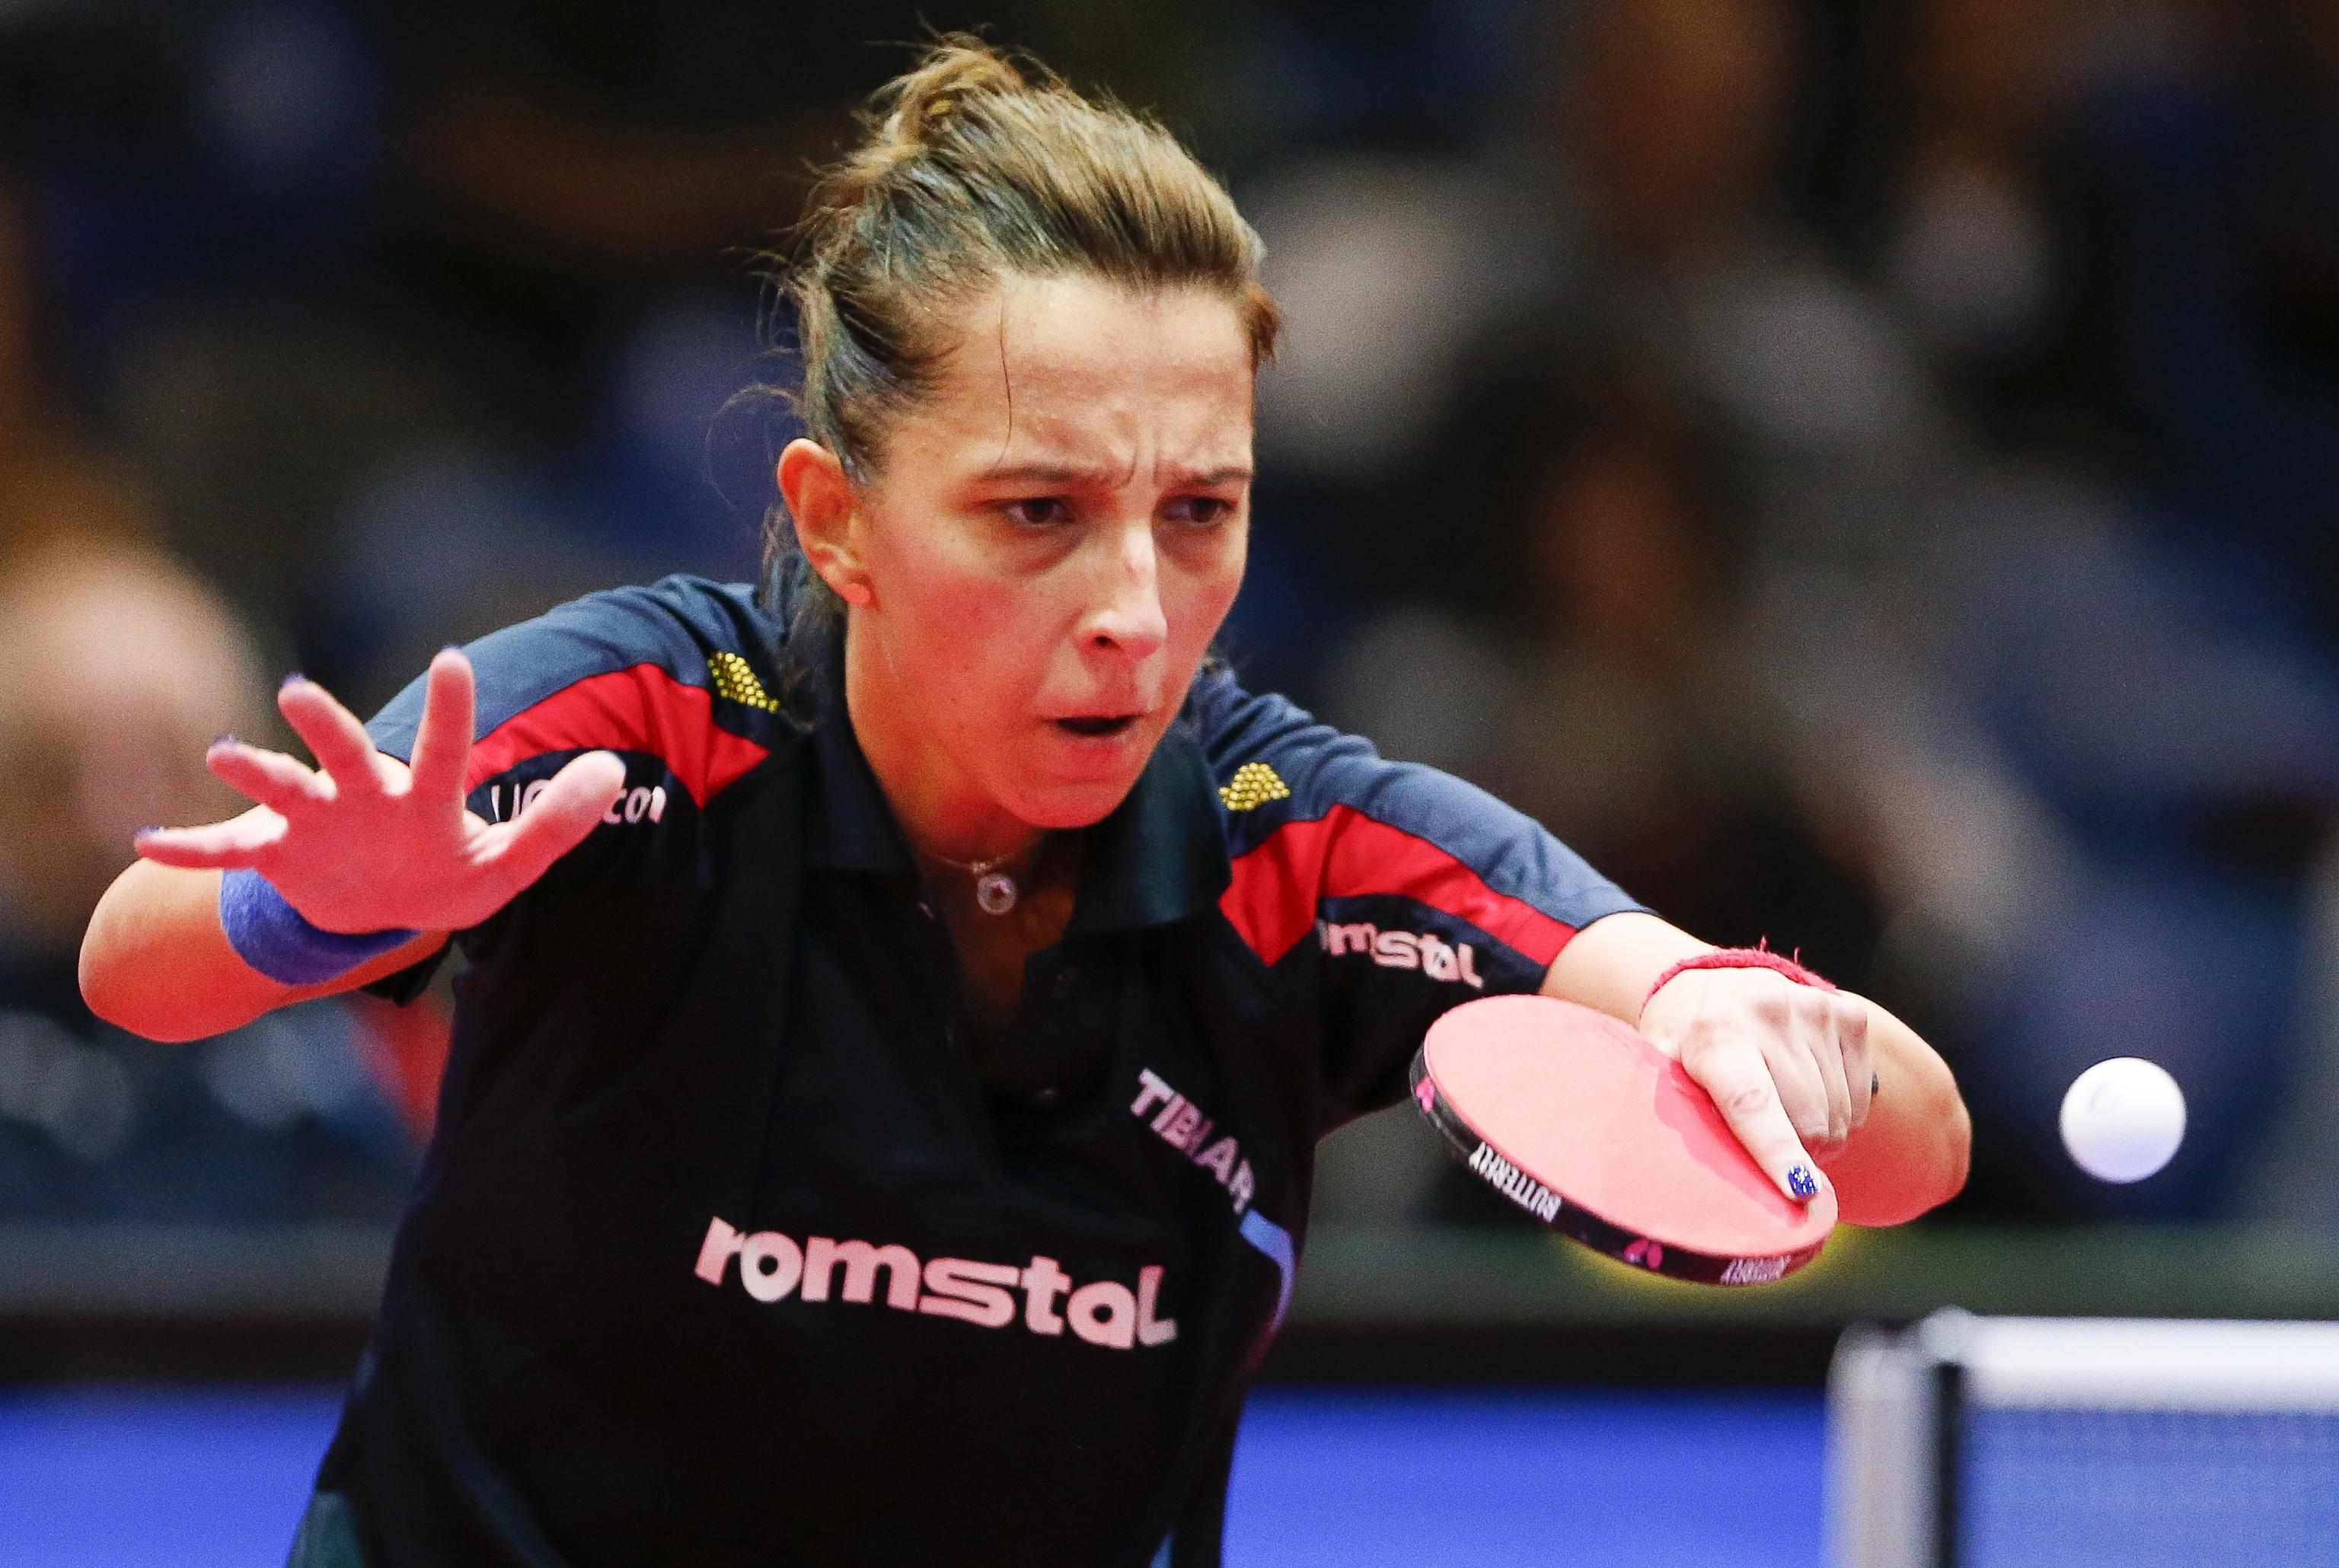 Elizabeta Samara, cea mai bună jucătoare de tenis de masă a României, se teme doar de chinezoaice în drumul spre p eventuală medalie la Campionatul Mondial din acest an. (FOTO: EPA)